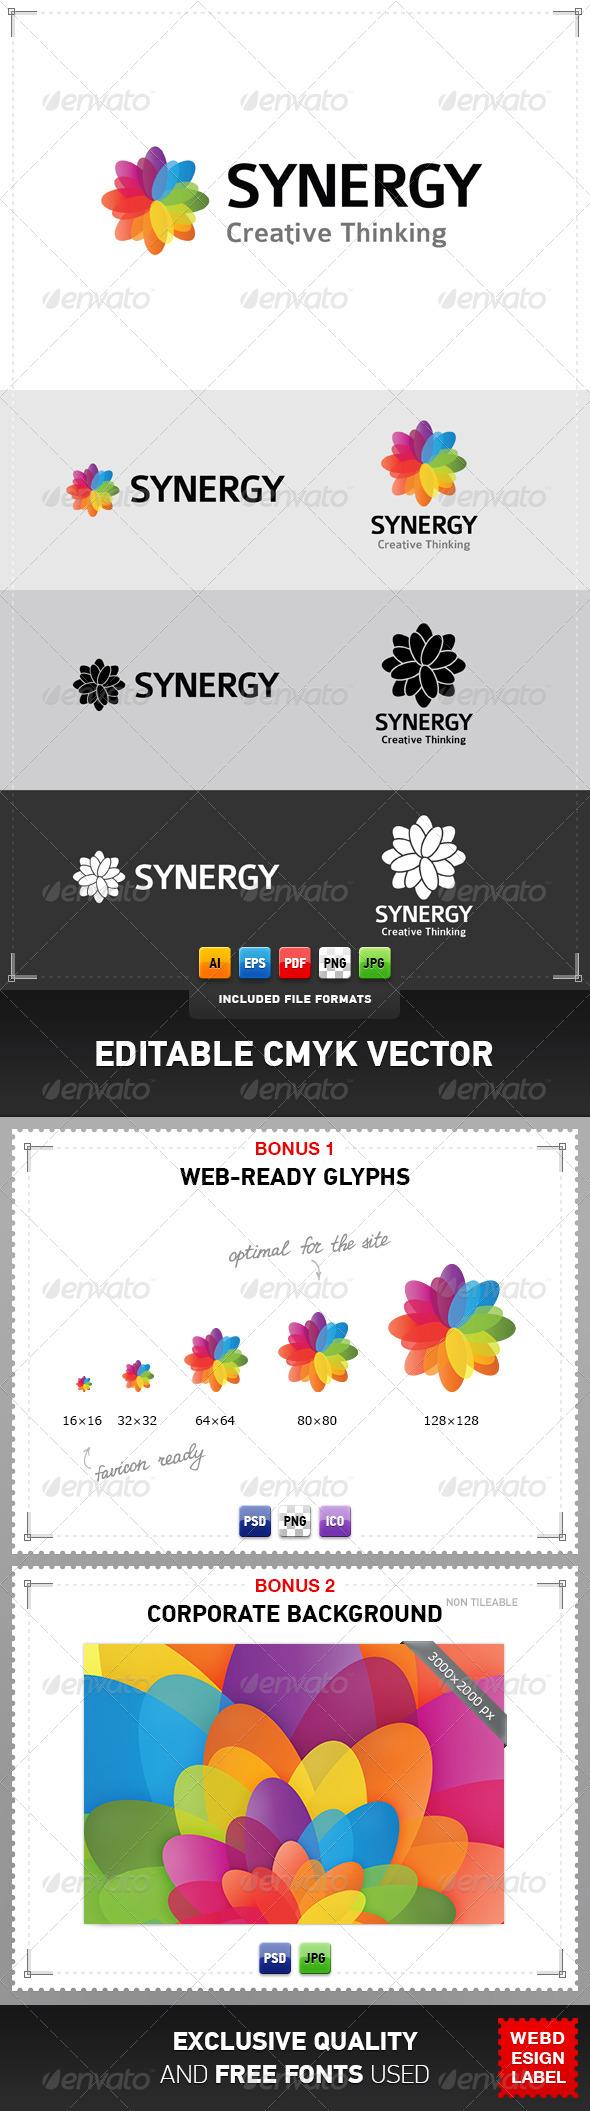 GraphicRiver Synergy Logo 4418682